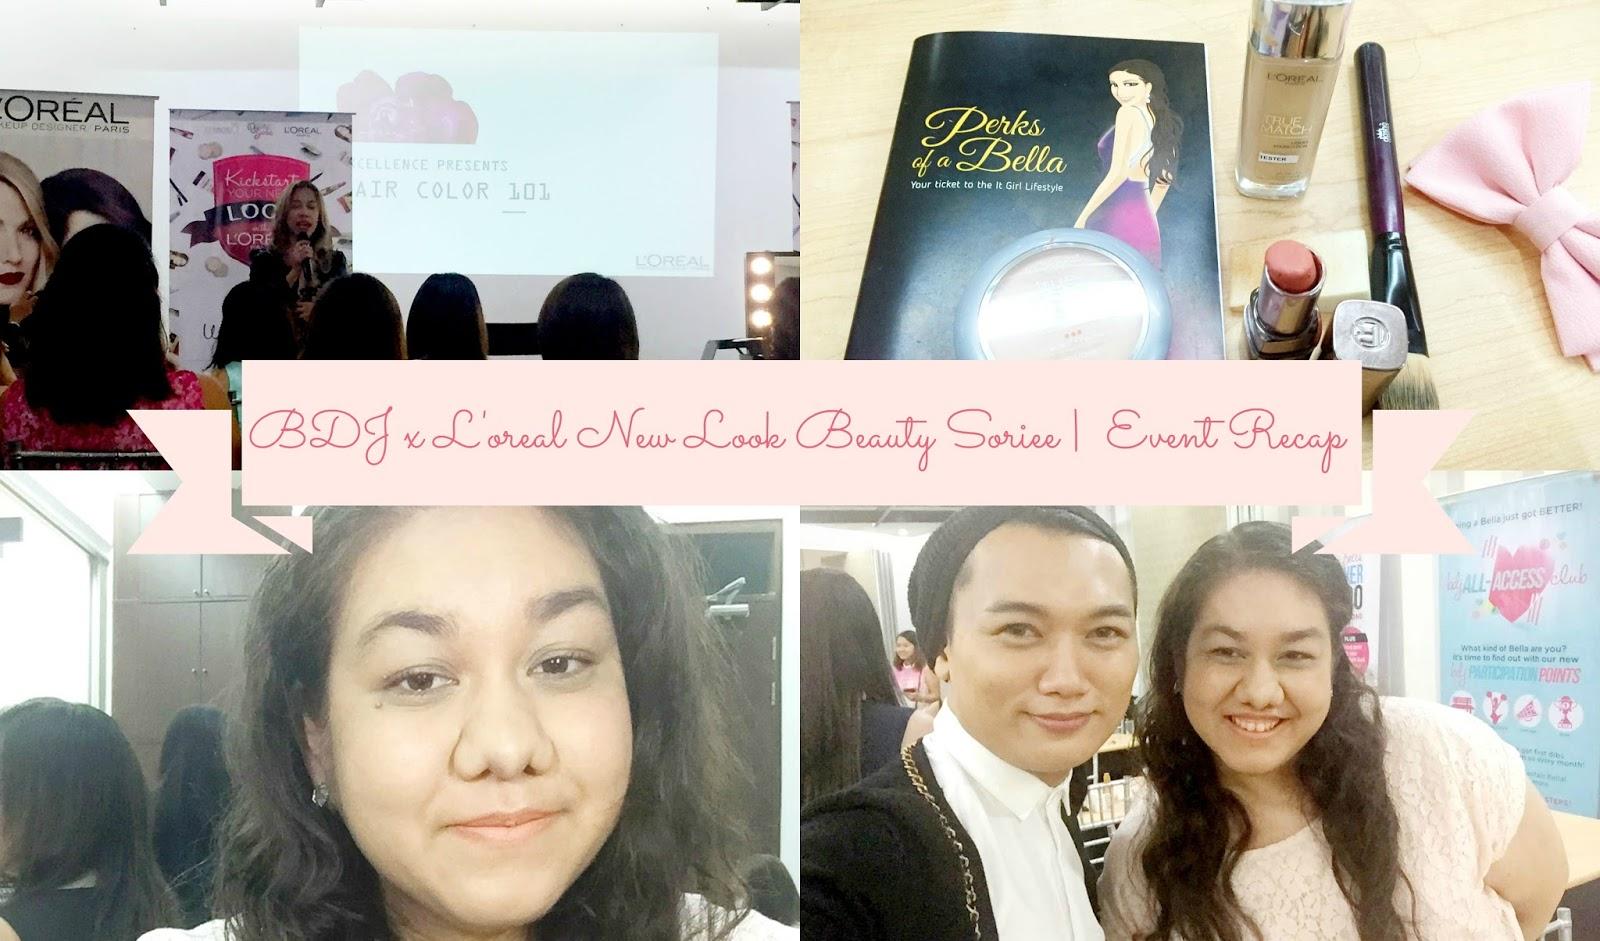 BDJ x L'oreal New Look Beauty Soiree | Event Recap